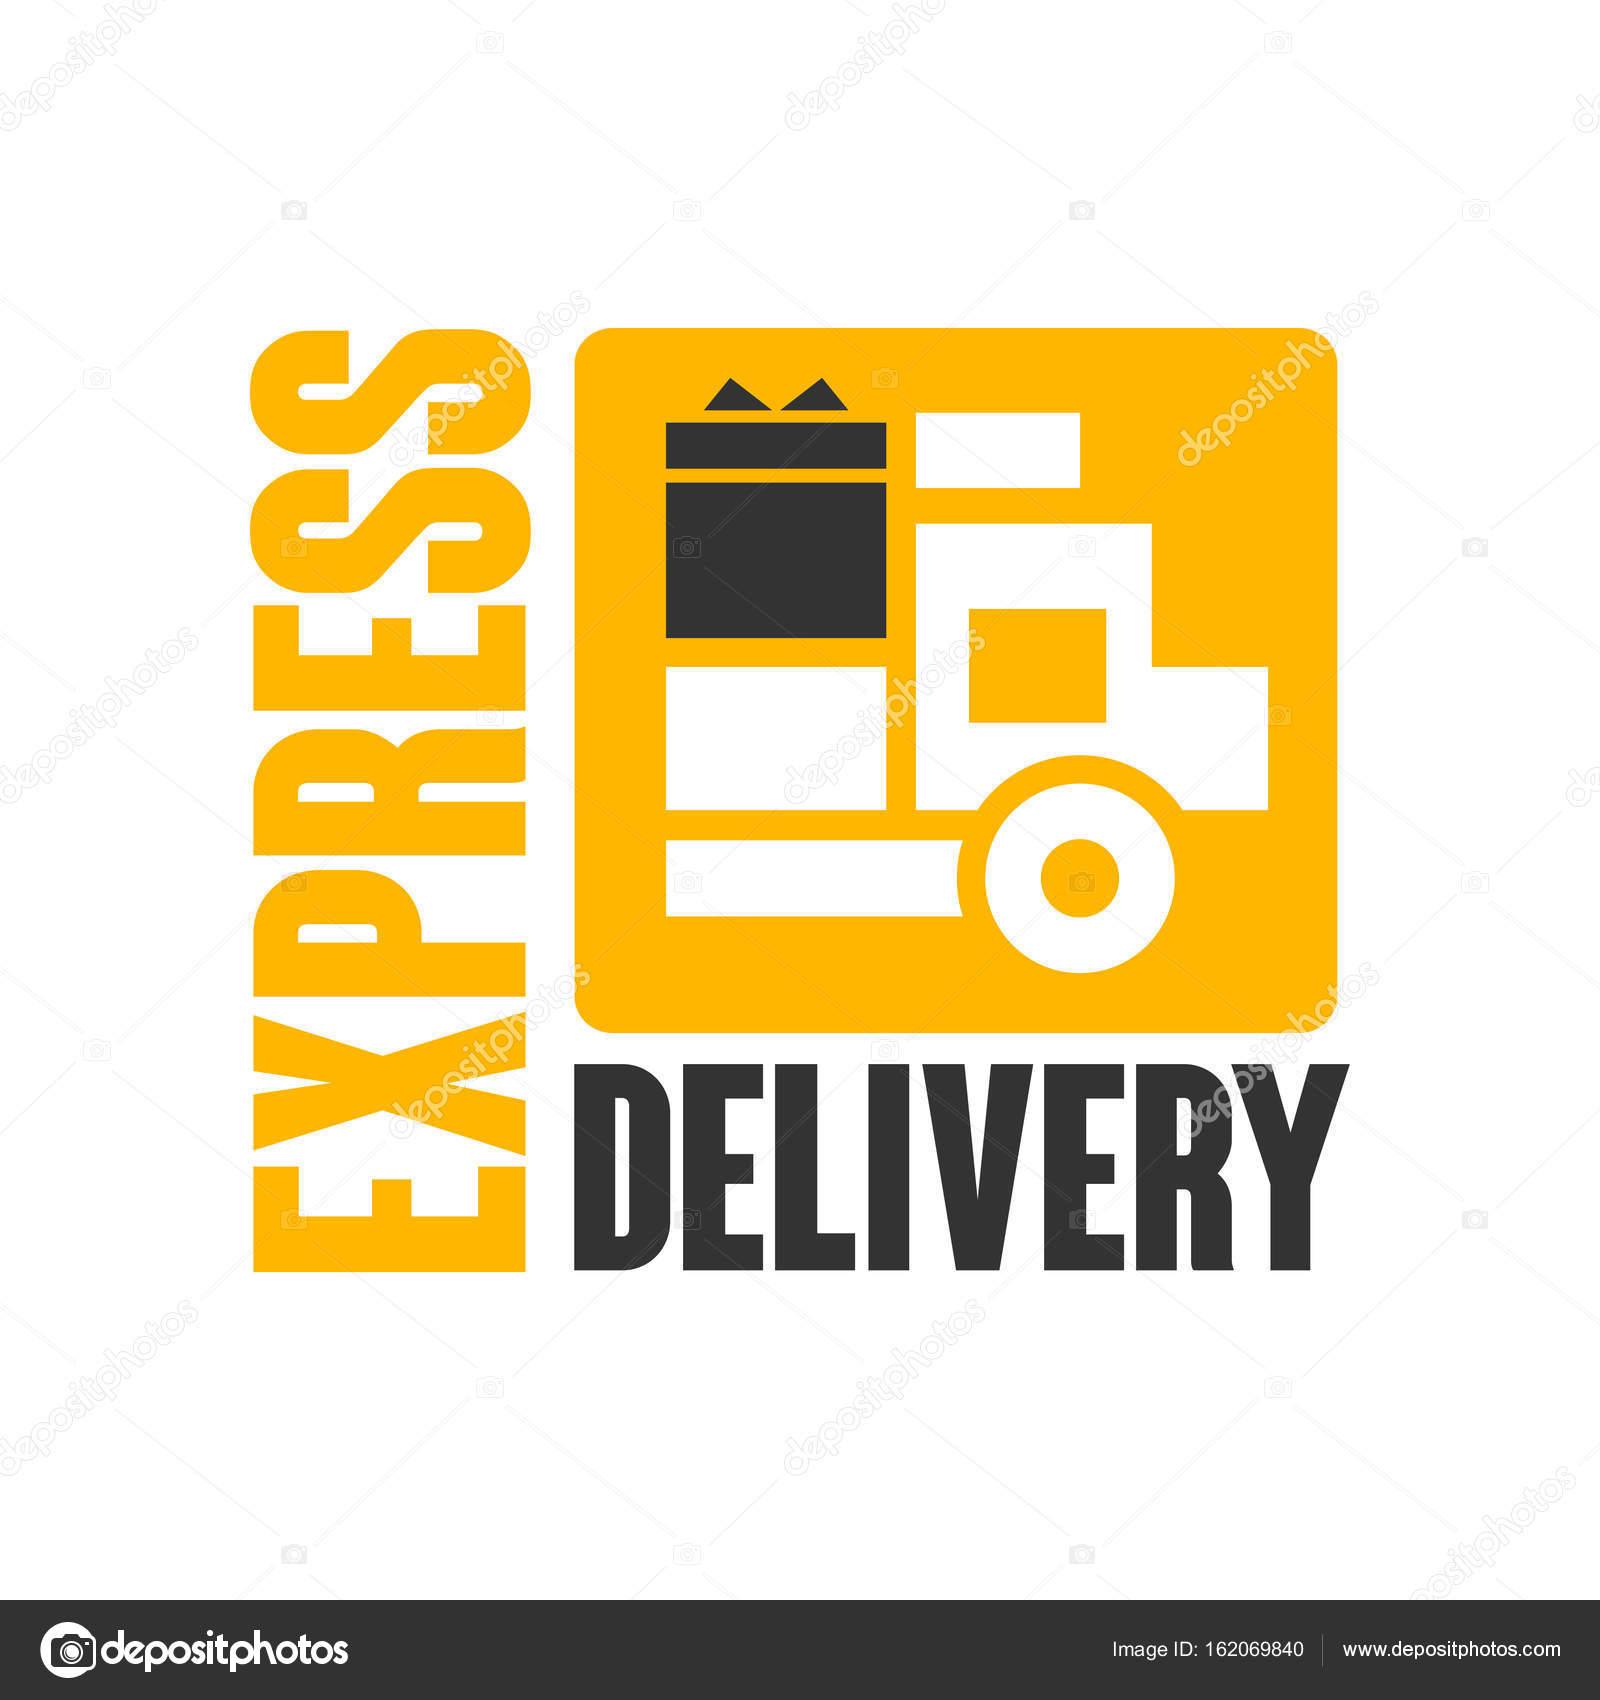 Plantilla de diseño de logo de entrega expresa — Archivo Imágenes ...